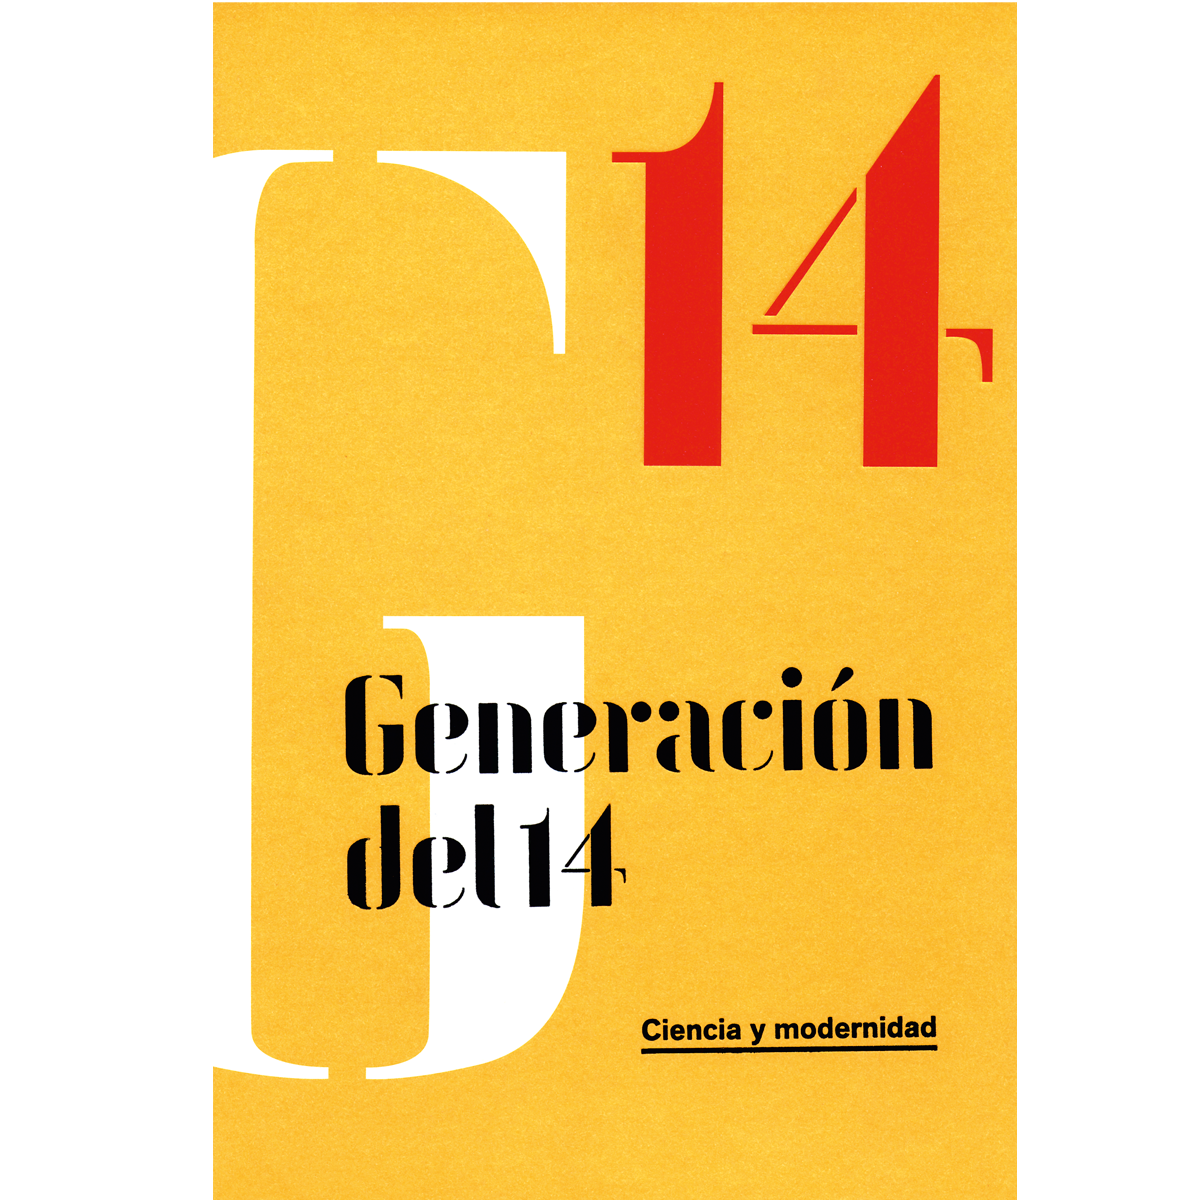 Generación del 14